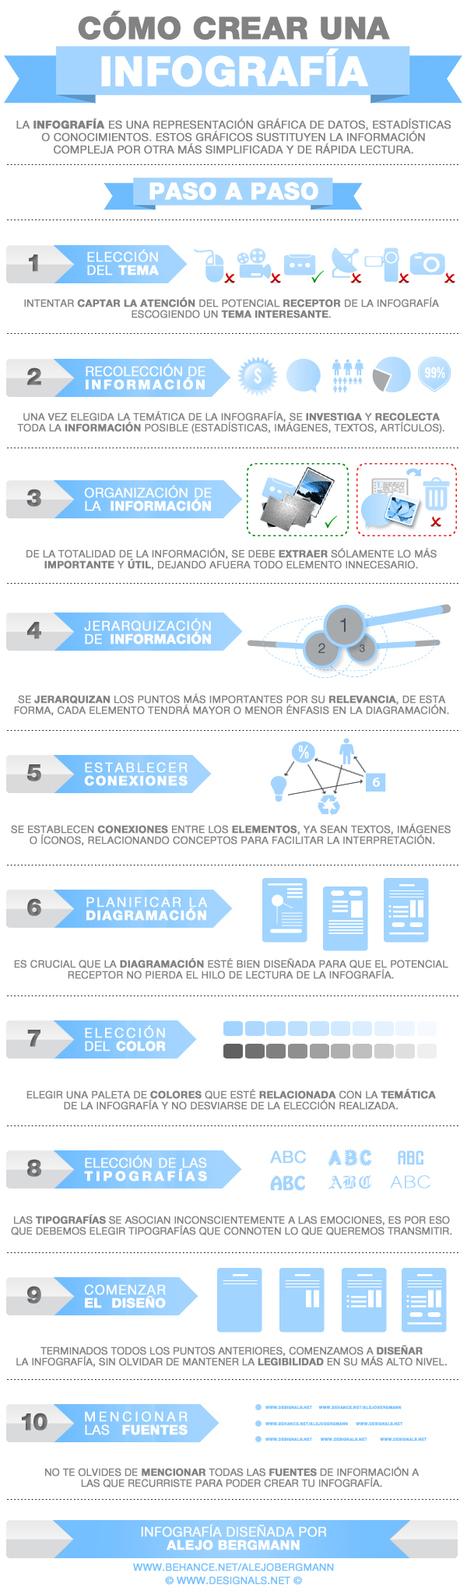 Cómo crear una infografía, paso a paso | RecursosSM | Scoop.it